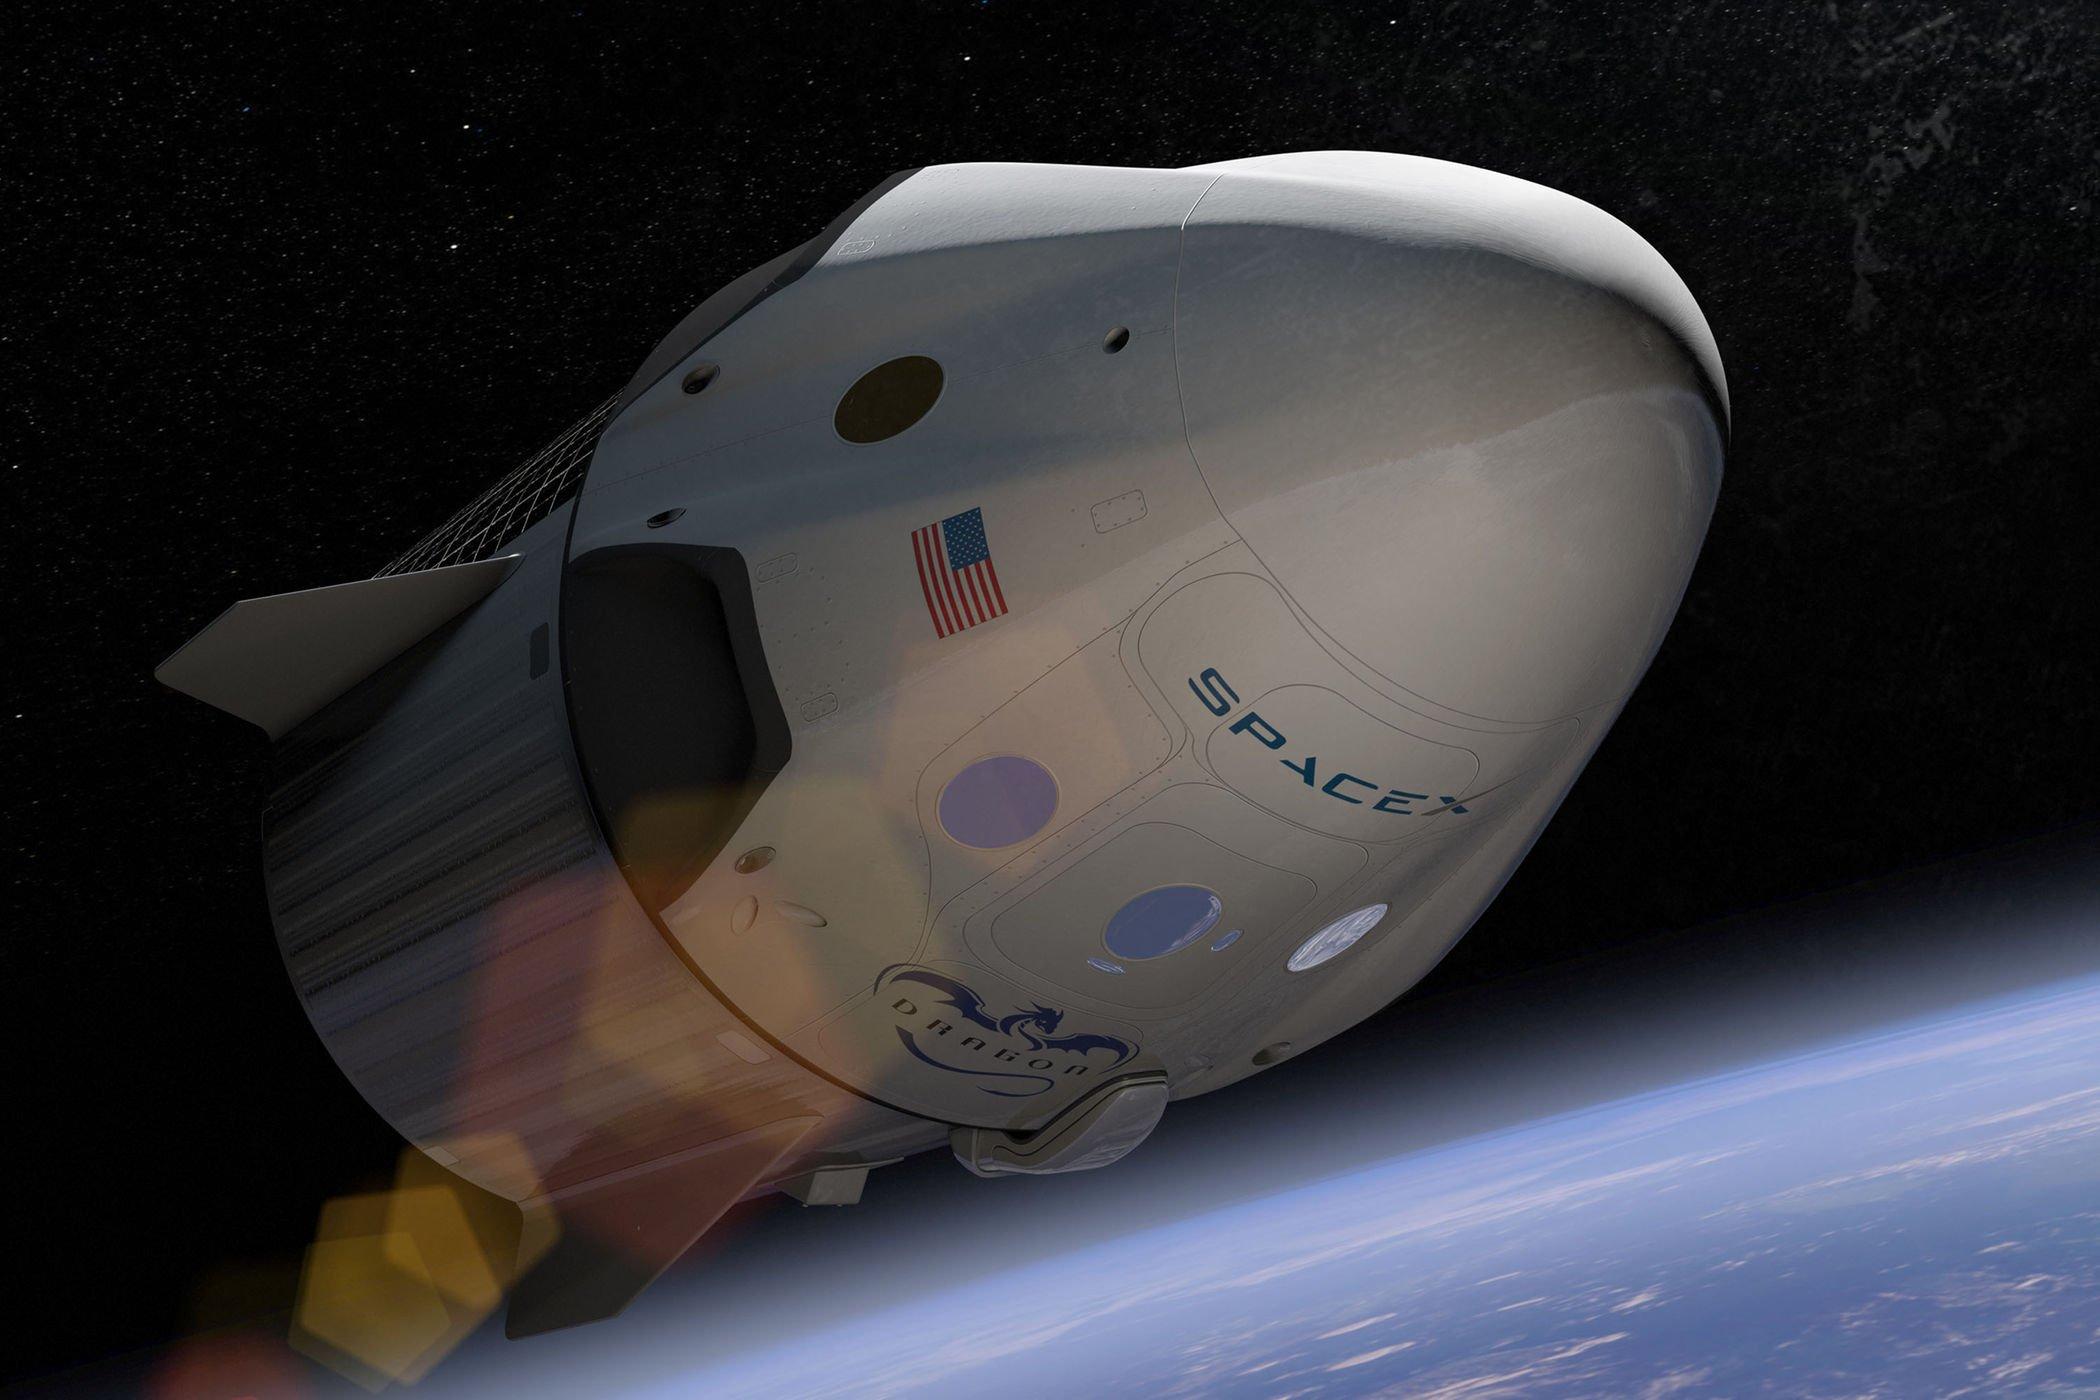 spacex-falcon-dragon-crew-capsule-art